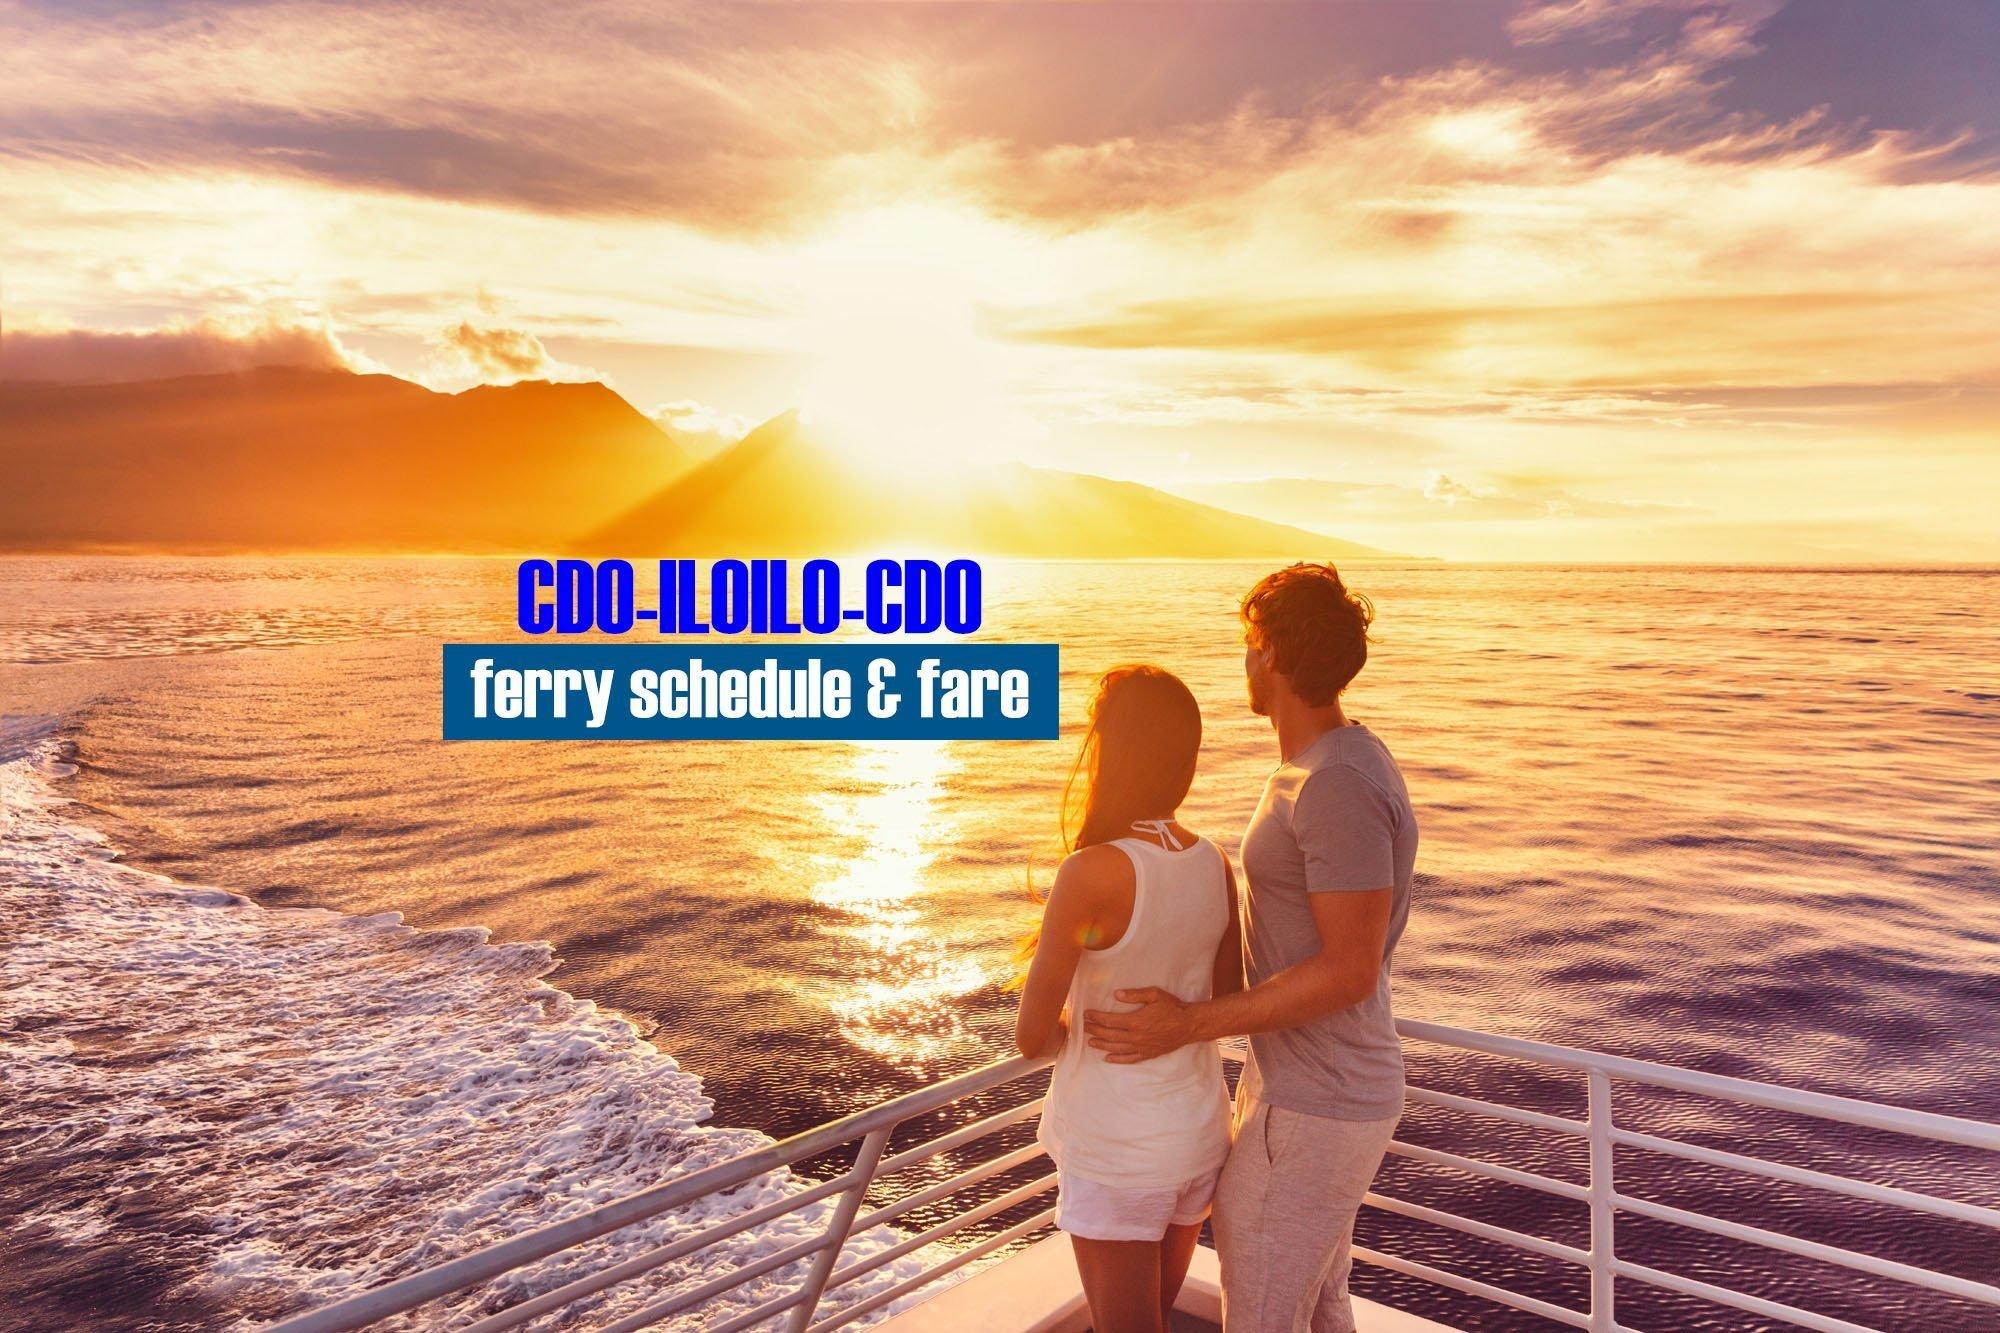 Cagayan de Oro to Iloilo Ferry Schedule and Fare (2020)